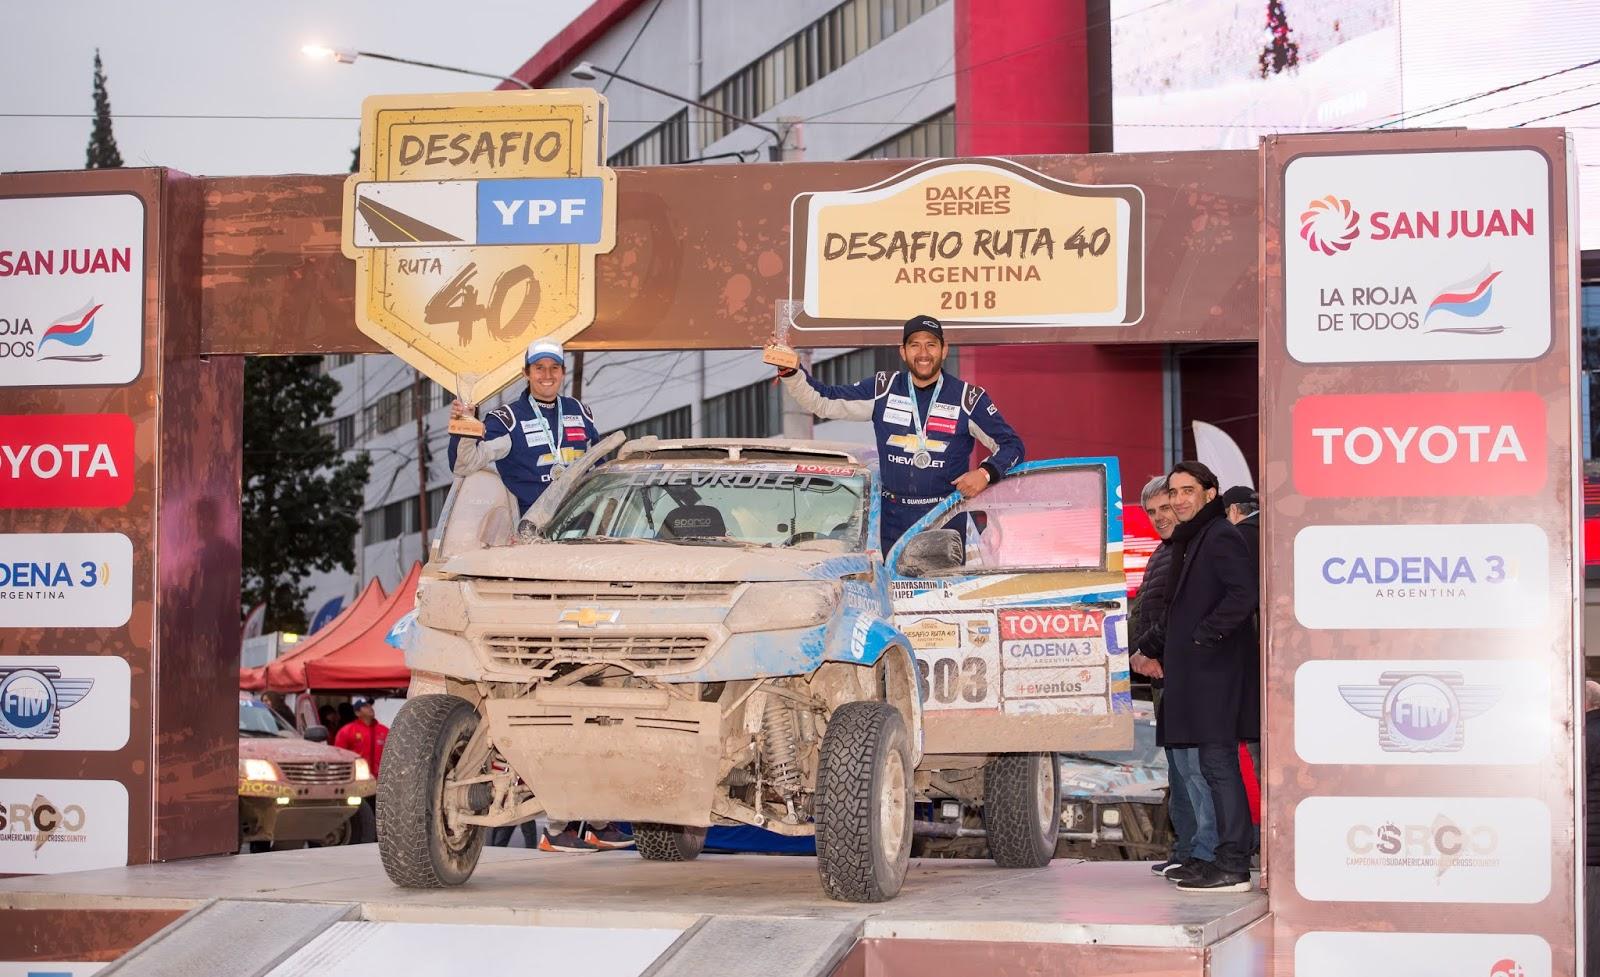 Sebastián Guayasamin y la Chevrolet Colorado: imparables en el Rally argentino desafío ruta 40